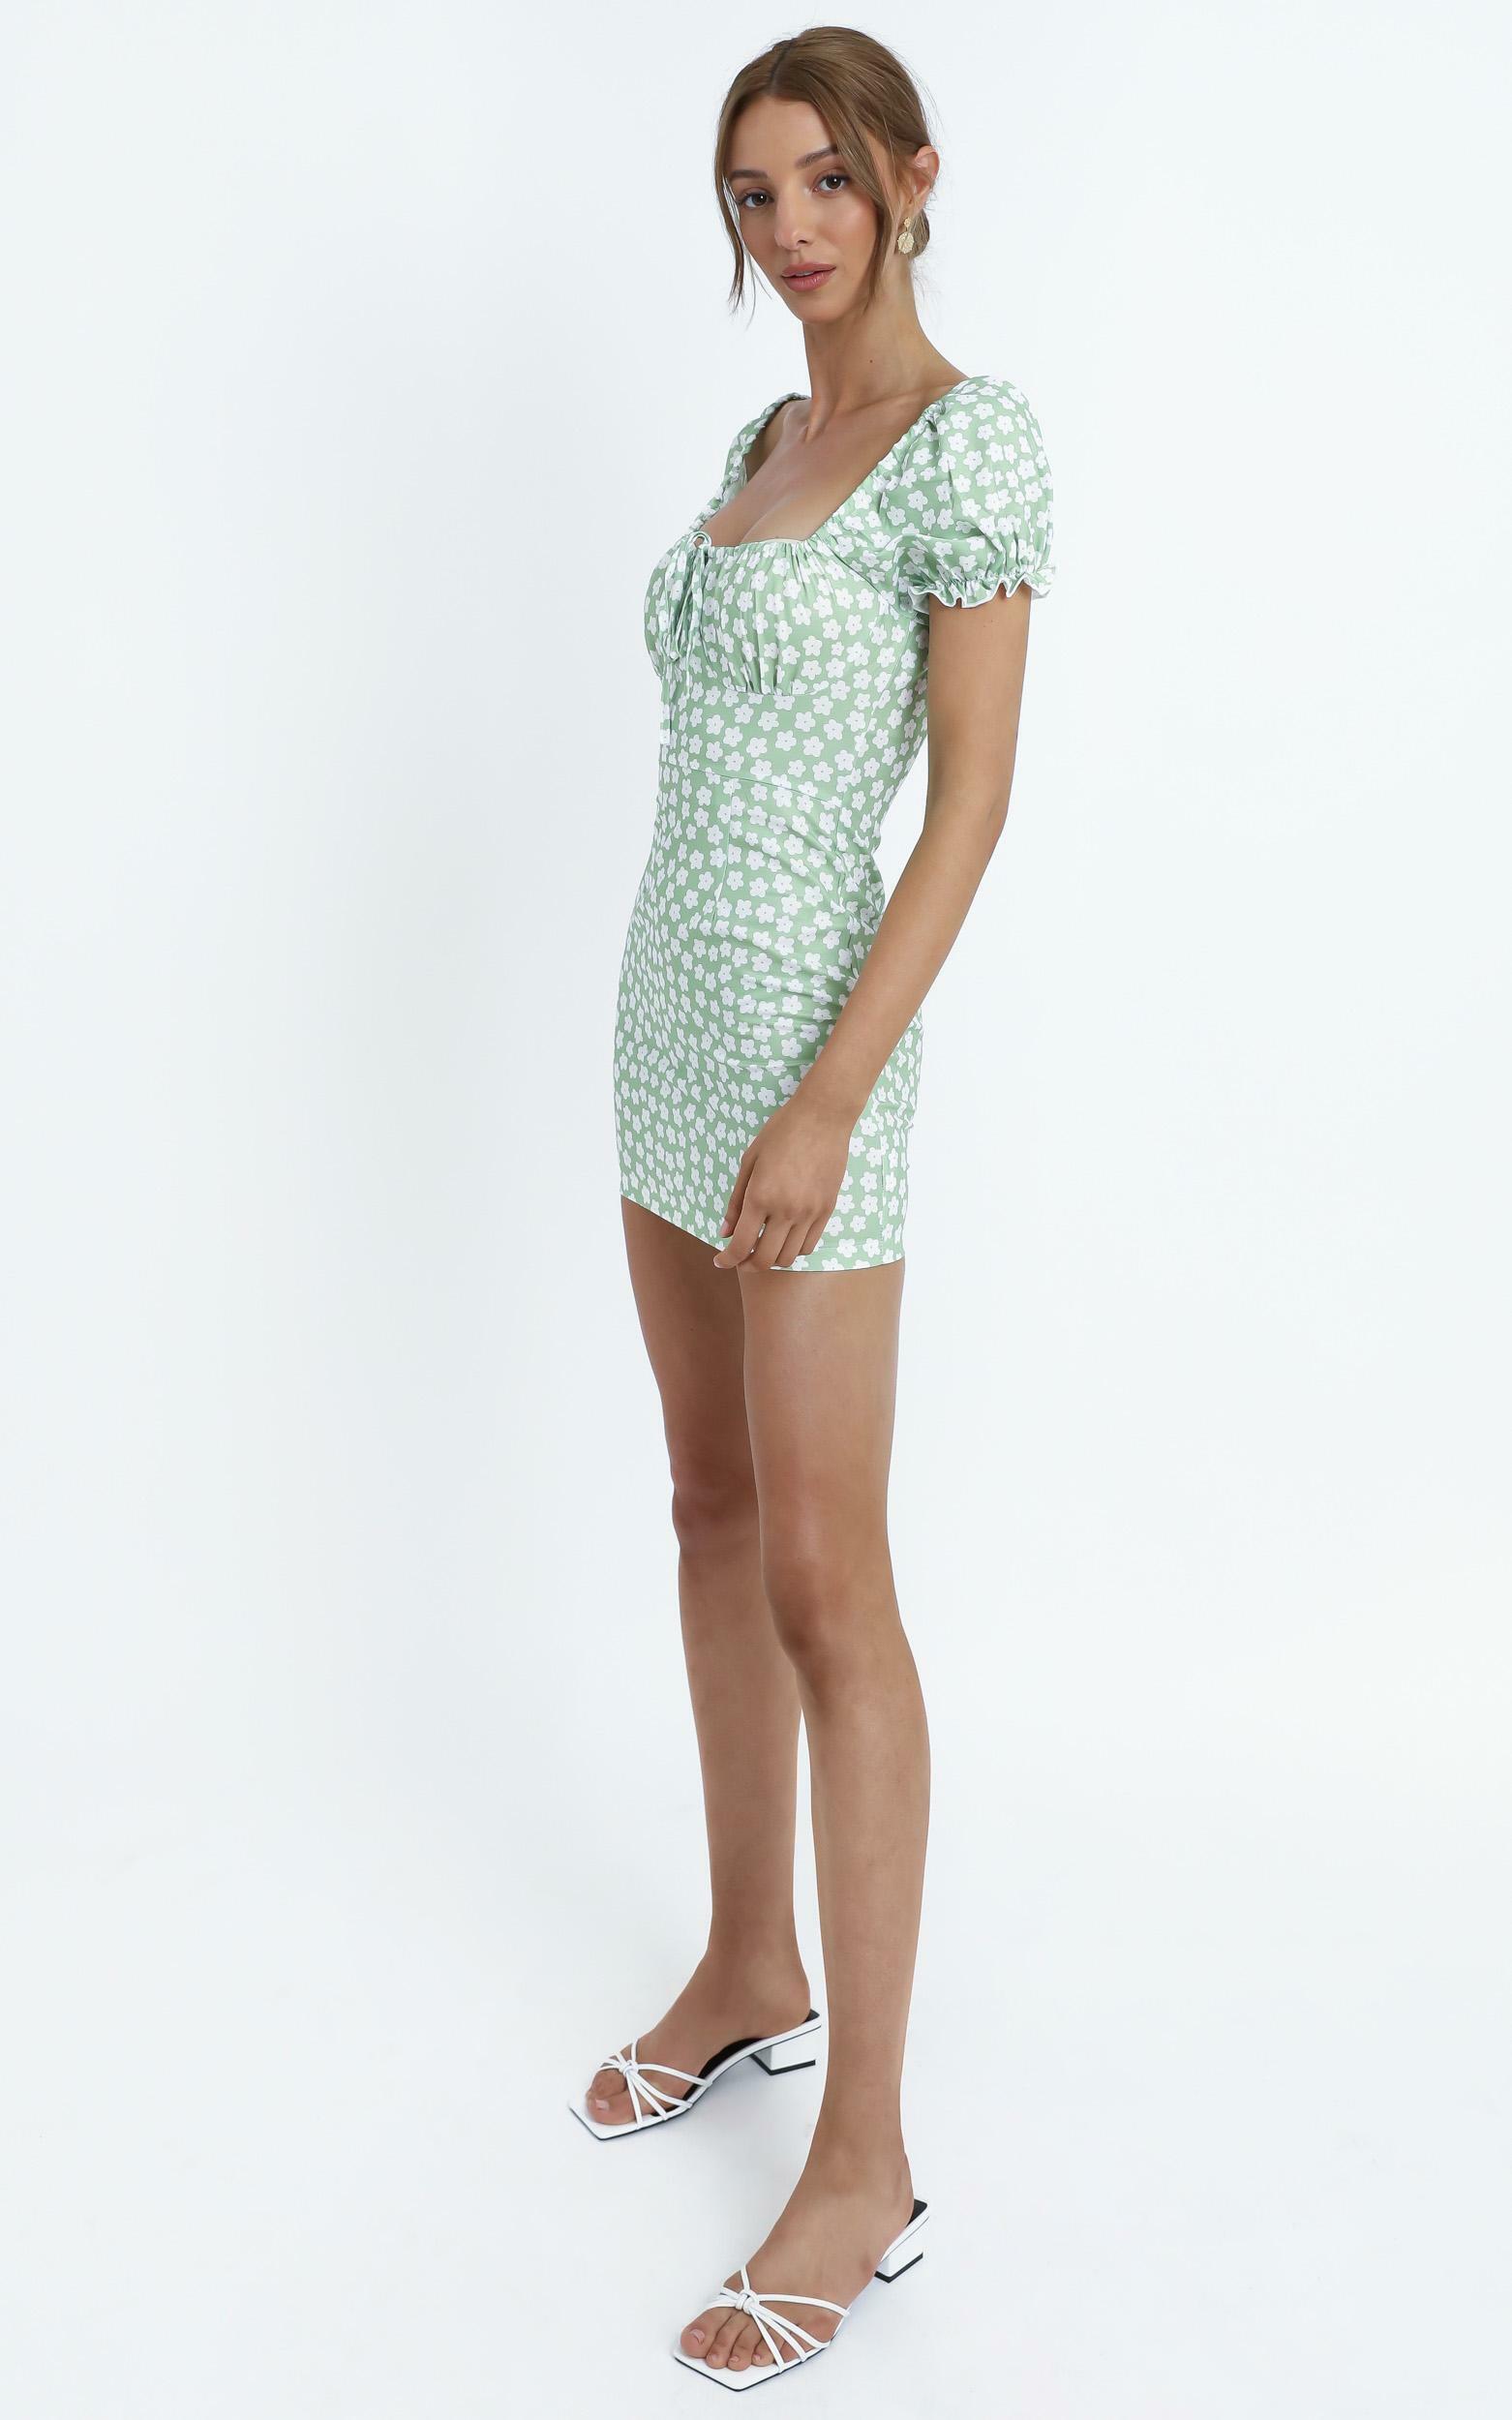 Carolina Dress in Green Floral - 12 (L), Green, hi-res image number null